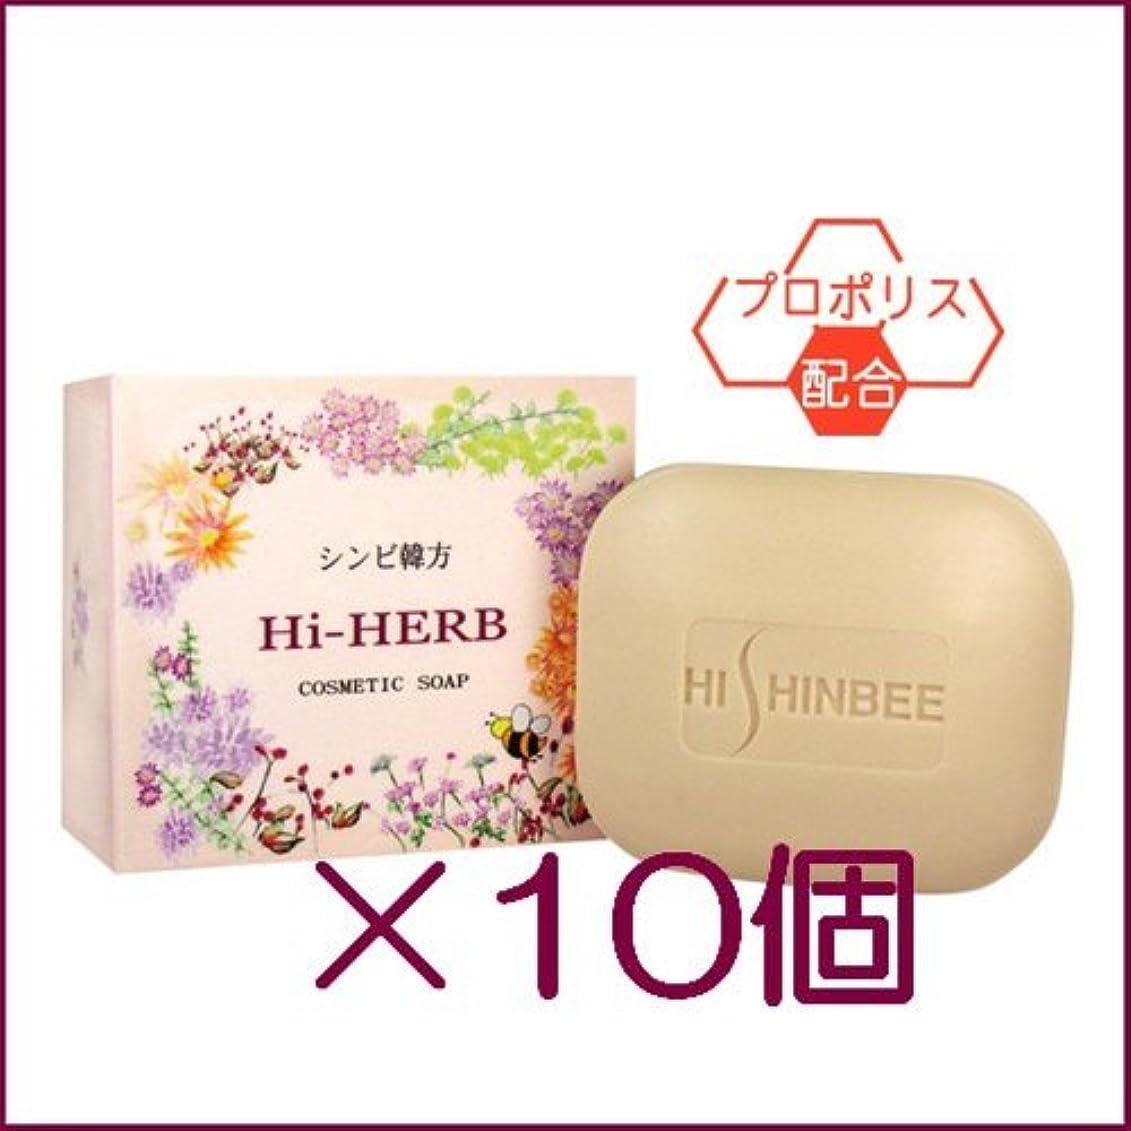 汚染夕食を作る可動式シンビ 韓方ハイハーブ石鹸 100g ×10個